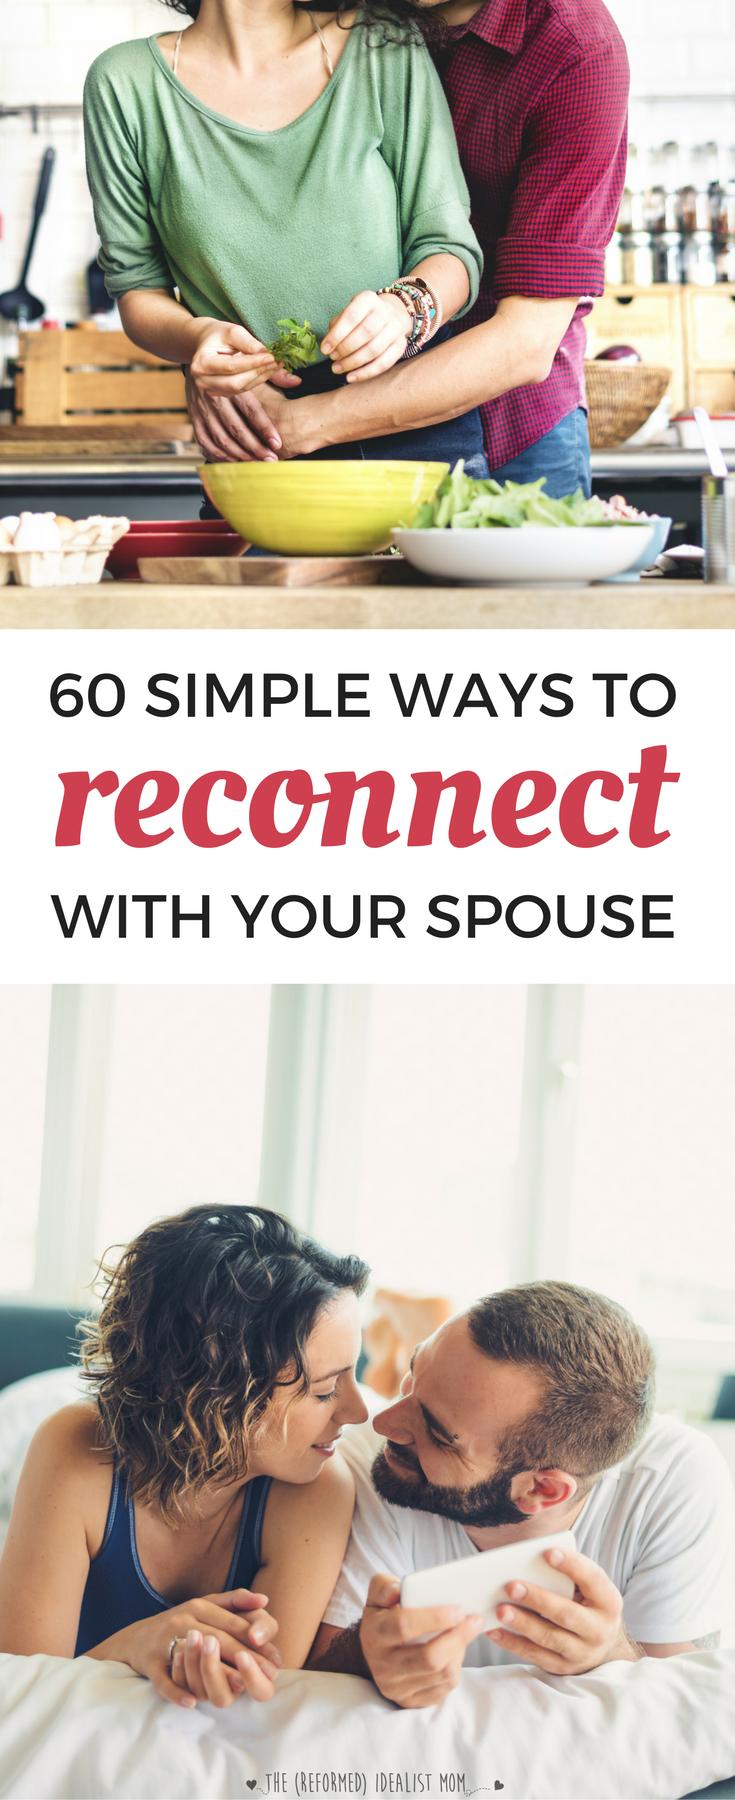 Çiftlere İlişki Tavsiyeleri